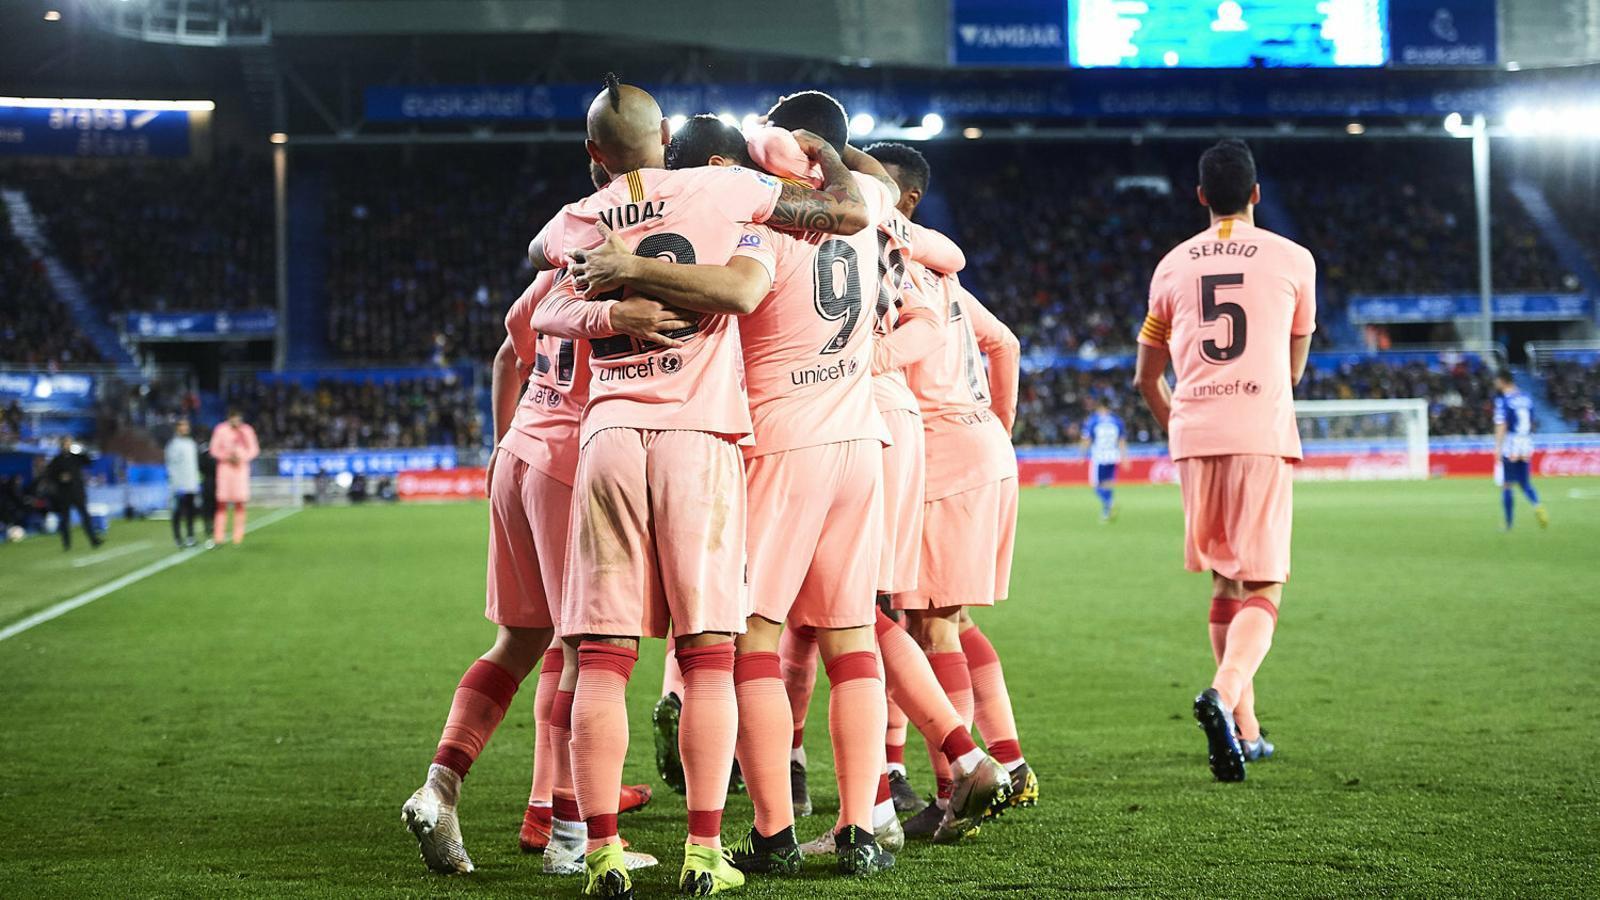 Els jugadors del Barça celebrant el gol de Carles Aleñá dimarts a Mendizorrotza.